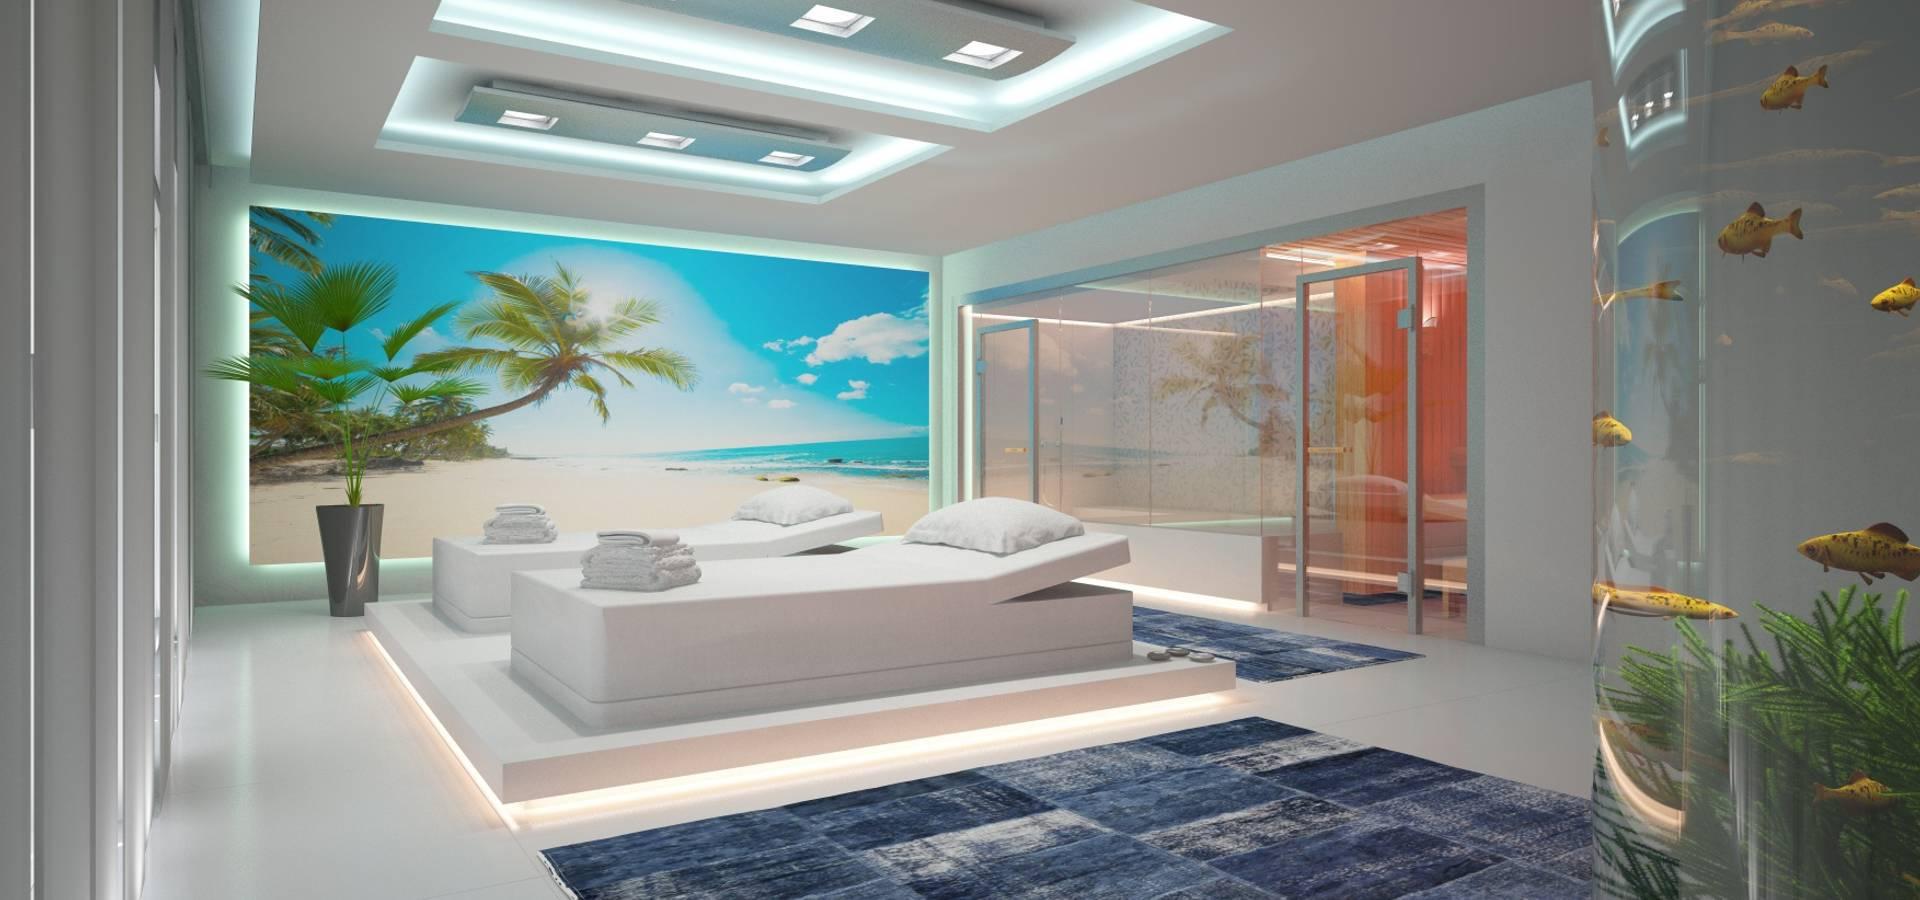 Luxus Tapeten D?sseldorf : Luxus Interior Licht Design von Design by Torsten M?ller homify